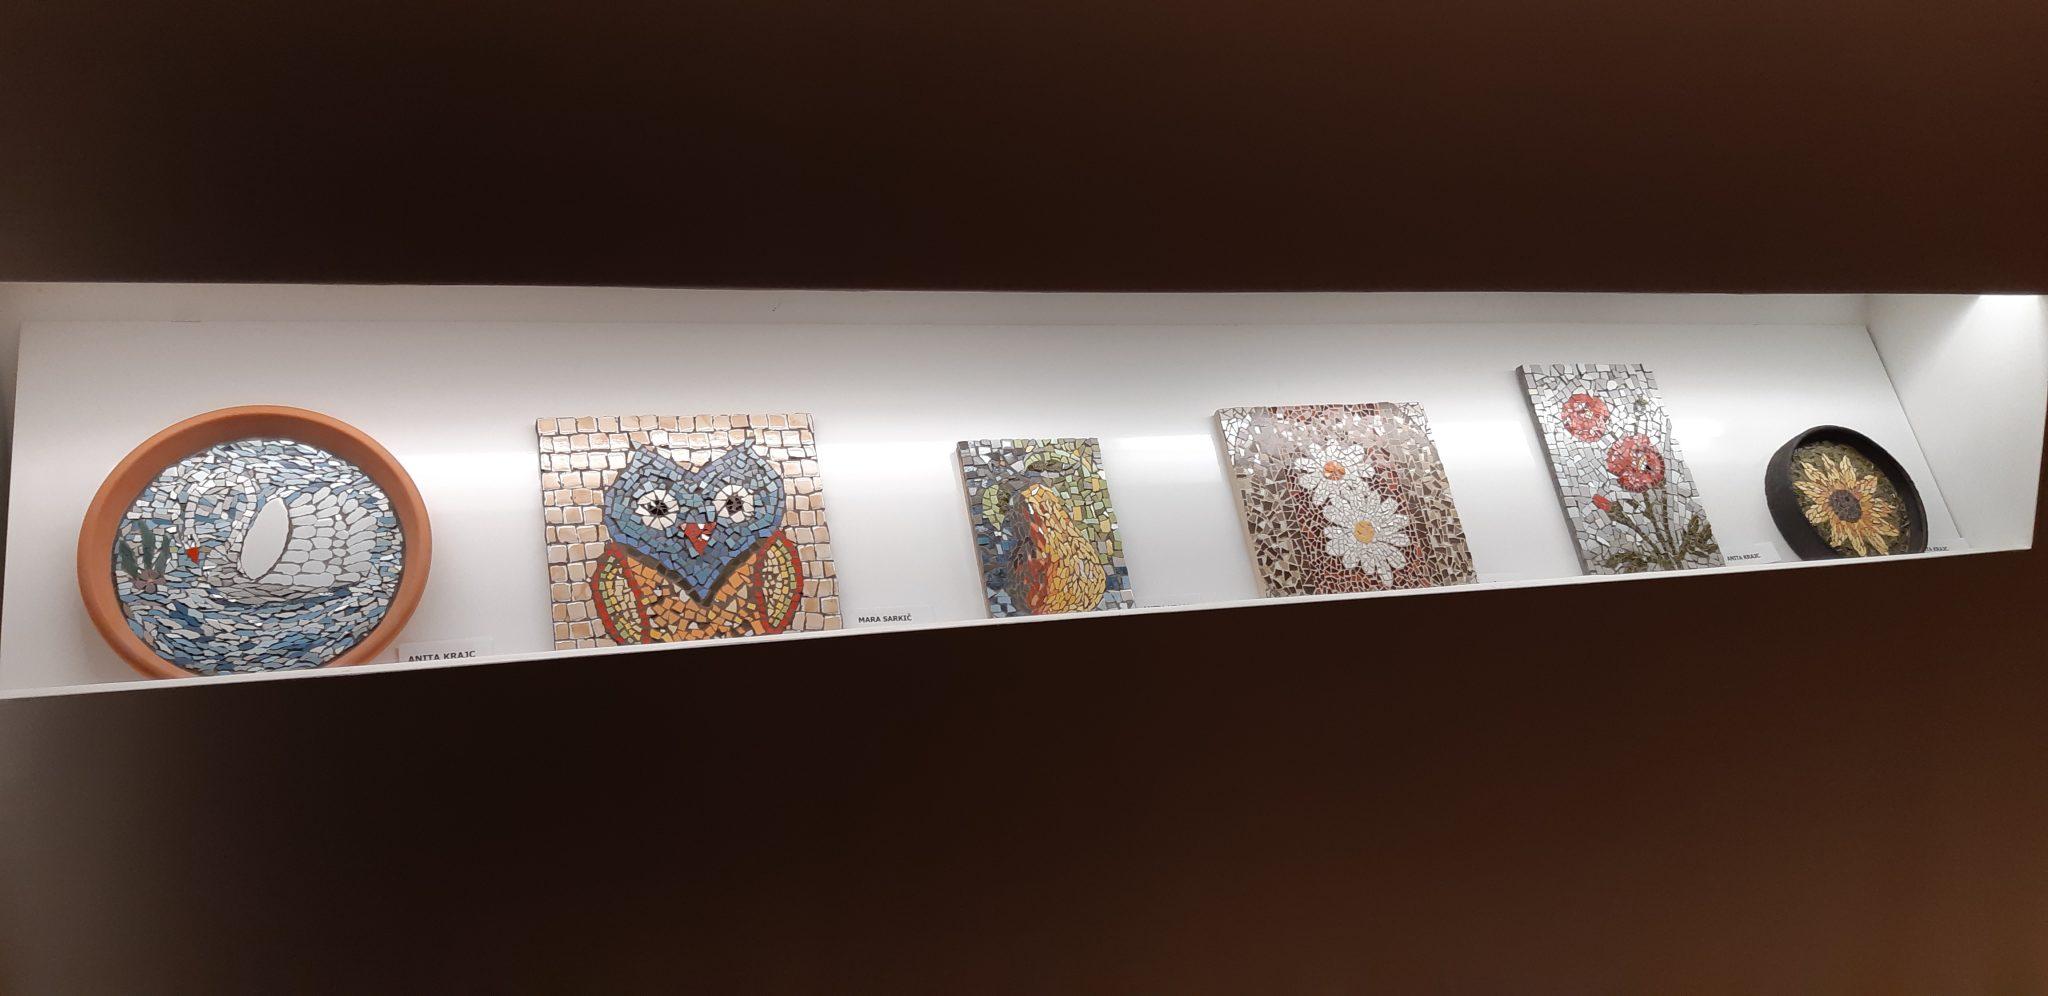 20190423 113330 - Pogled v živalski svet – razstava sekcije Mozaik KD Rak Rakek